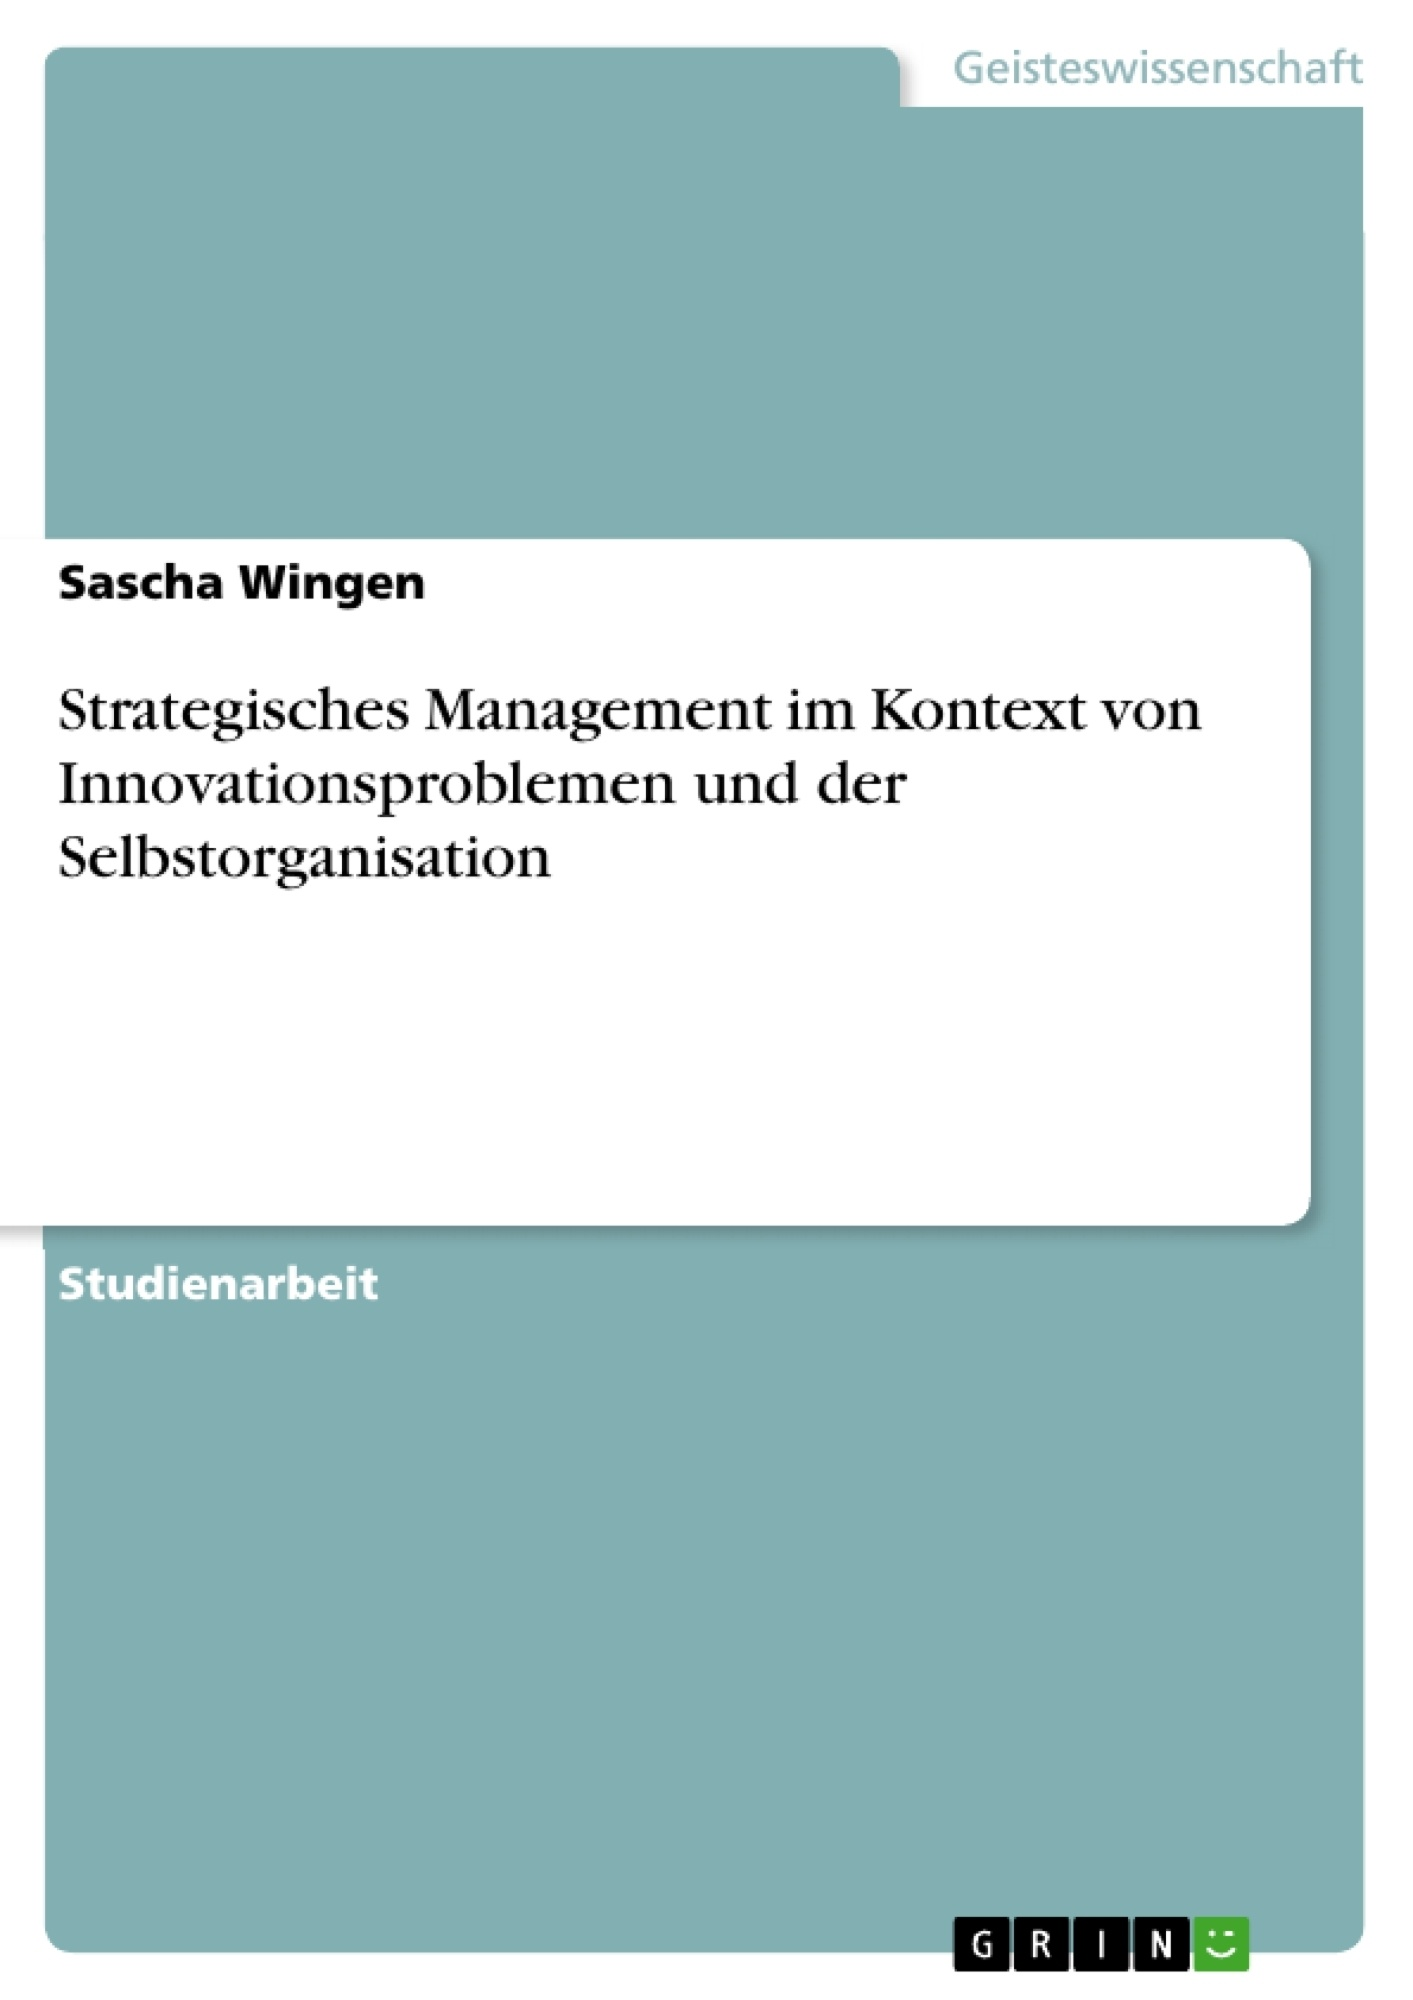 Titel: Strategisches Management im Kontext von Innovationsproblemen und der Selbstorganisation